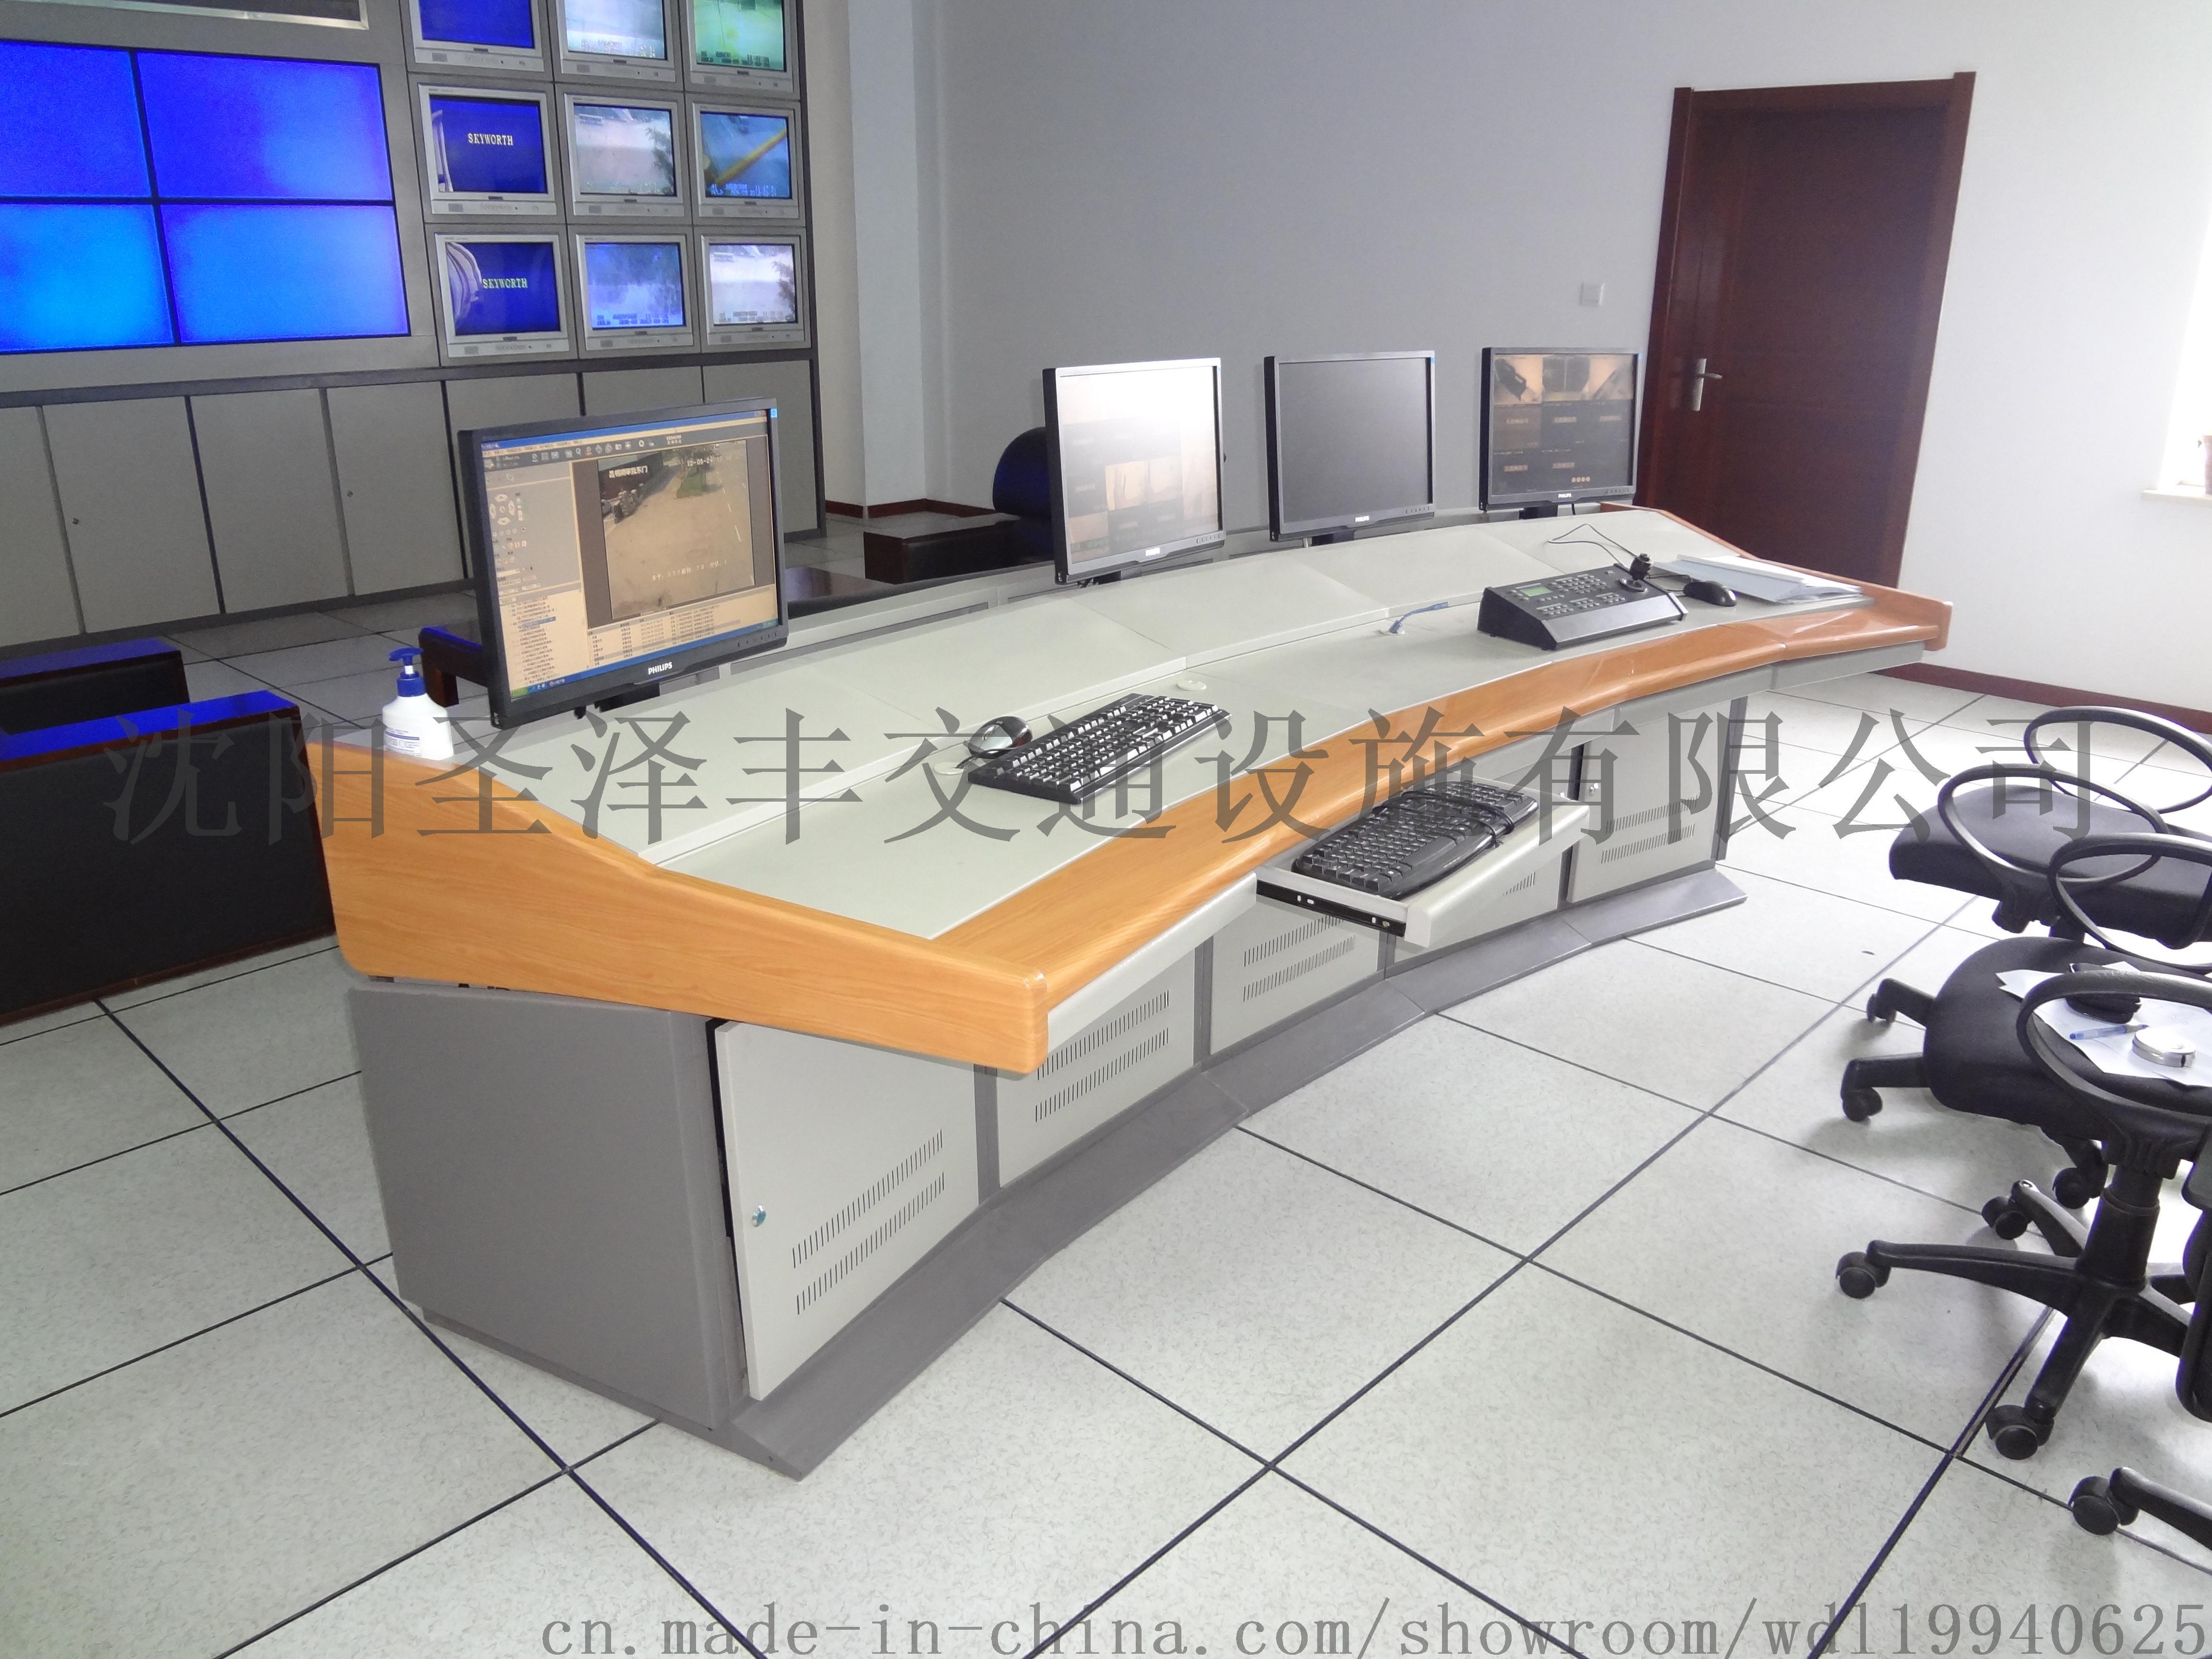 瀋陽設備箱,監控杆,機櫃,操作檯,電視牆廠家38277802